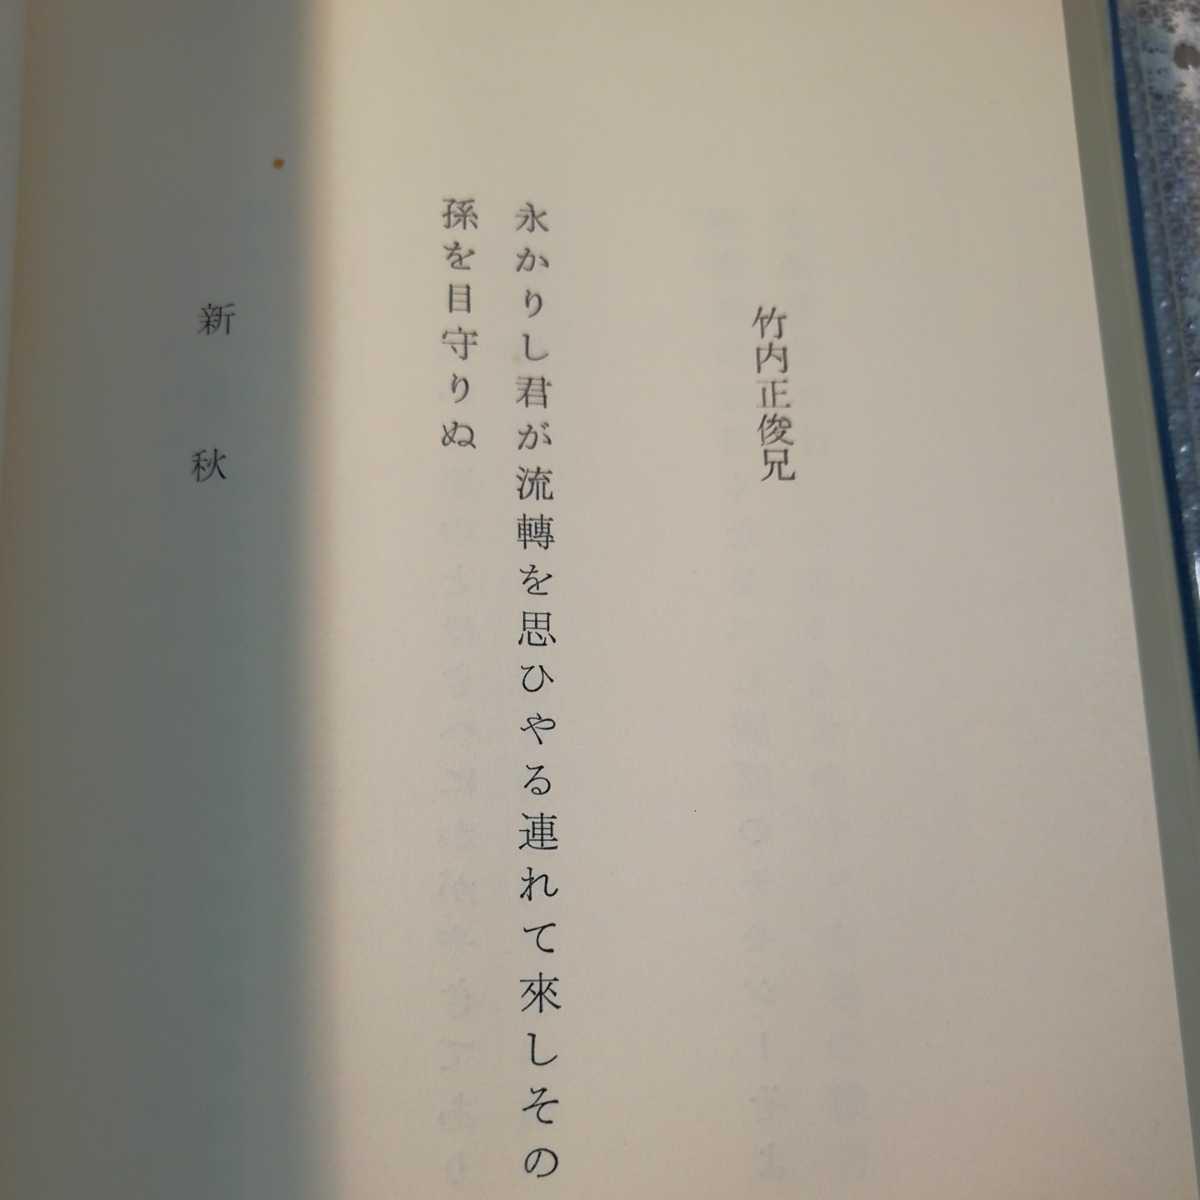 歌集 岬に立ちて 三ッ谷平治著 昭和44年新星書房発行